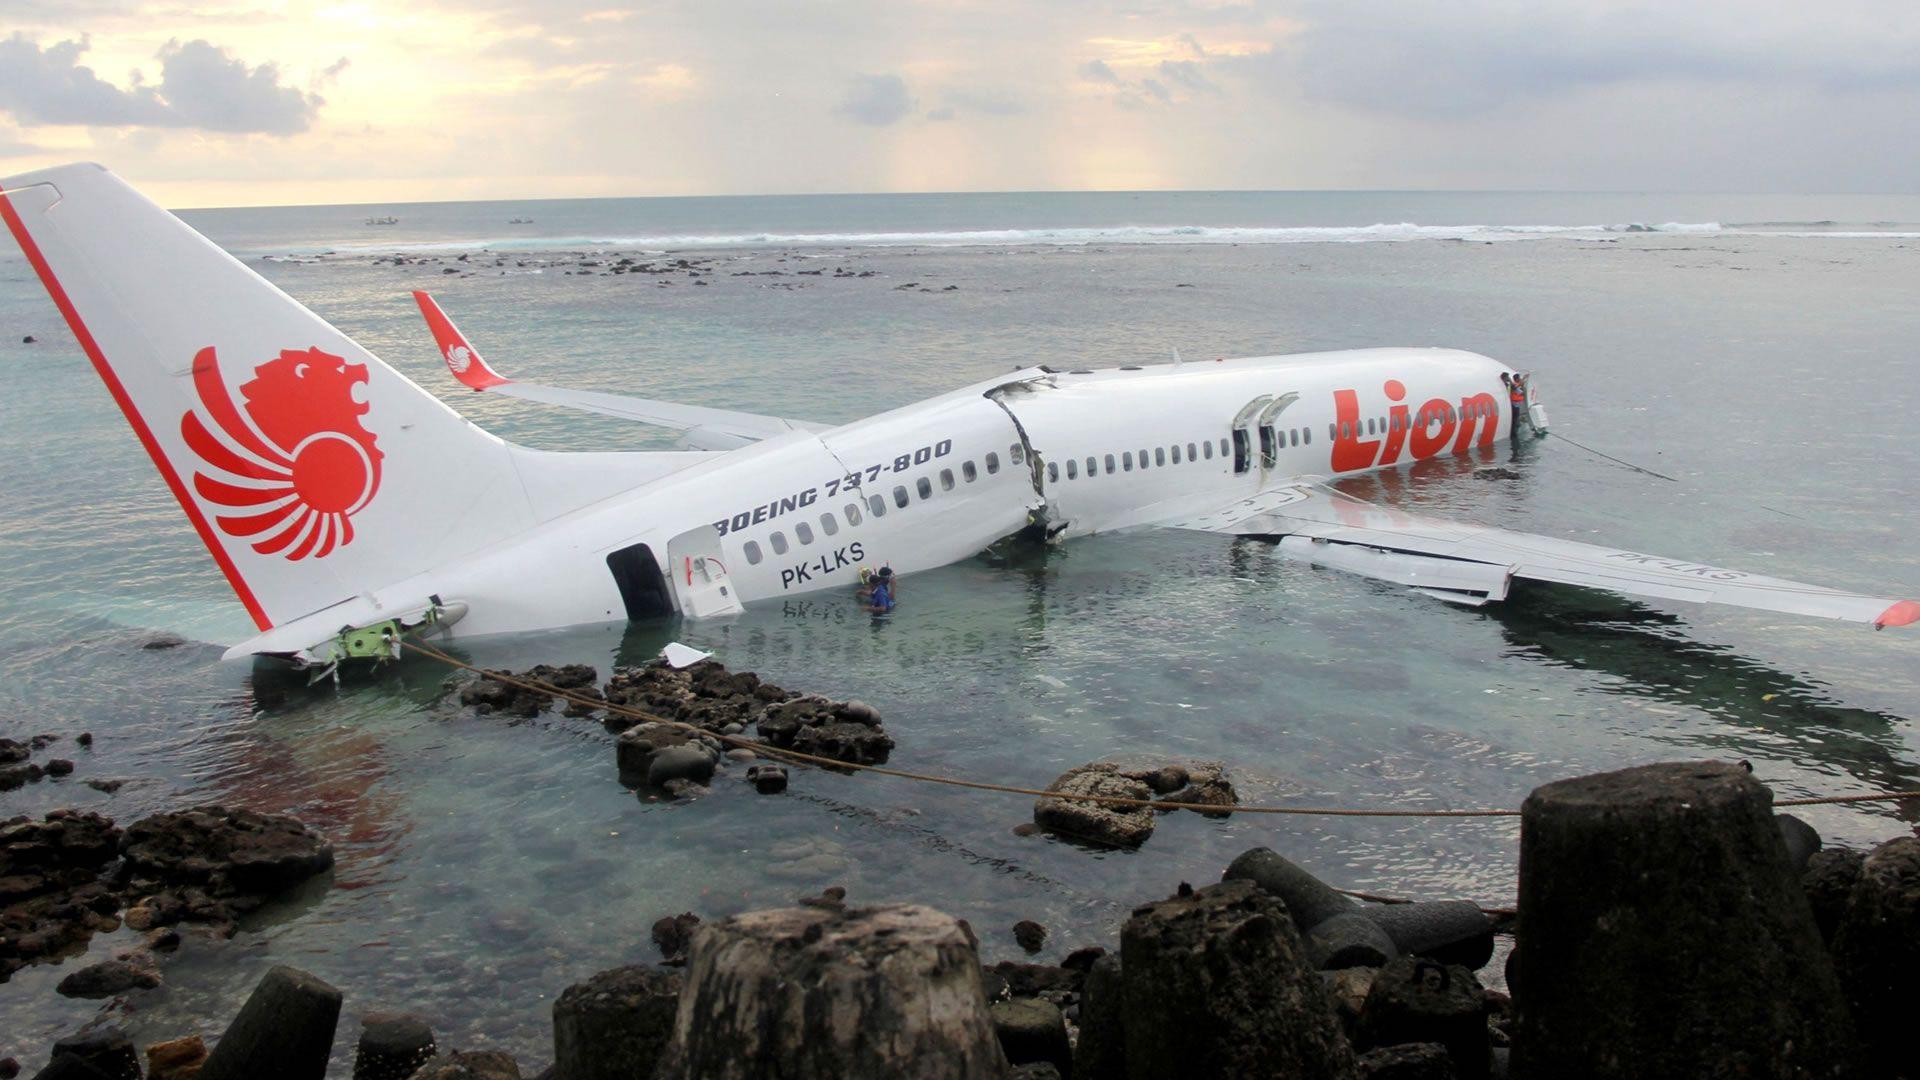 ¿Cuáles son los países con más accidentes aéreos?